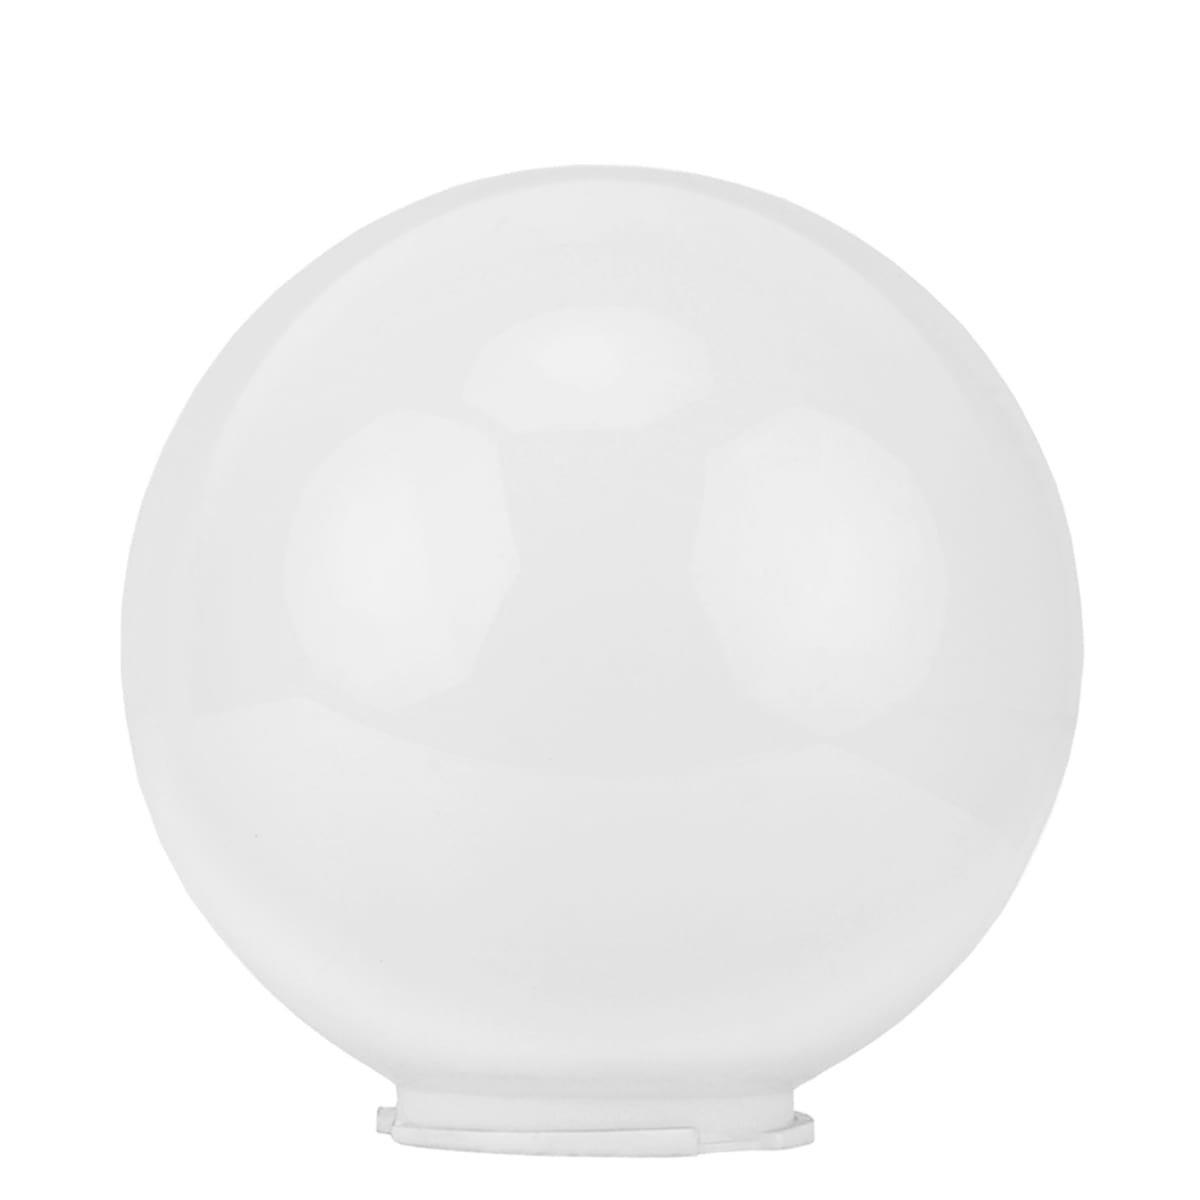 Buitenverlichting Onderdelen Losse tuinbol lamp opaalglas - Ø 30 cm